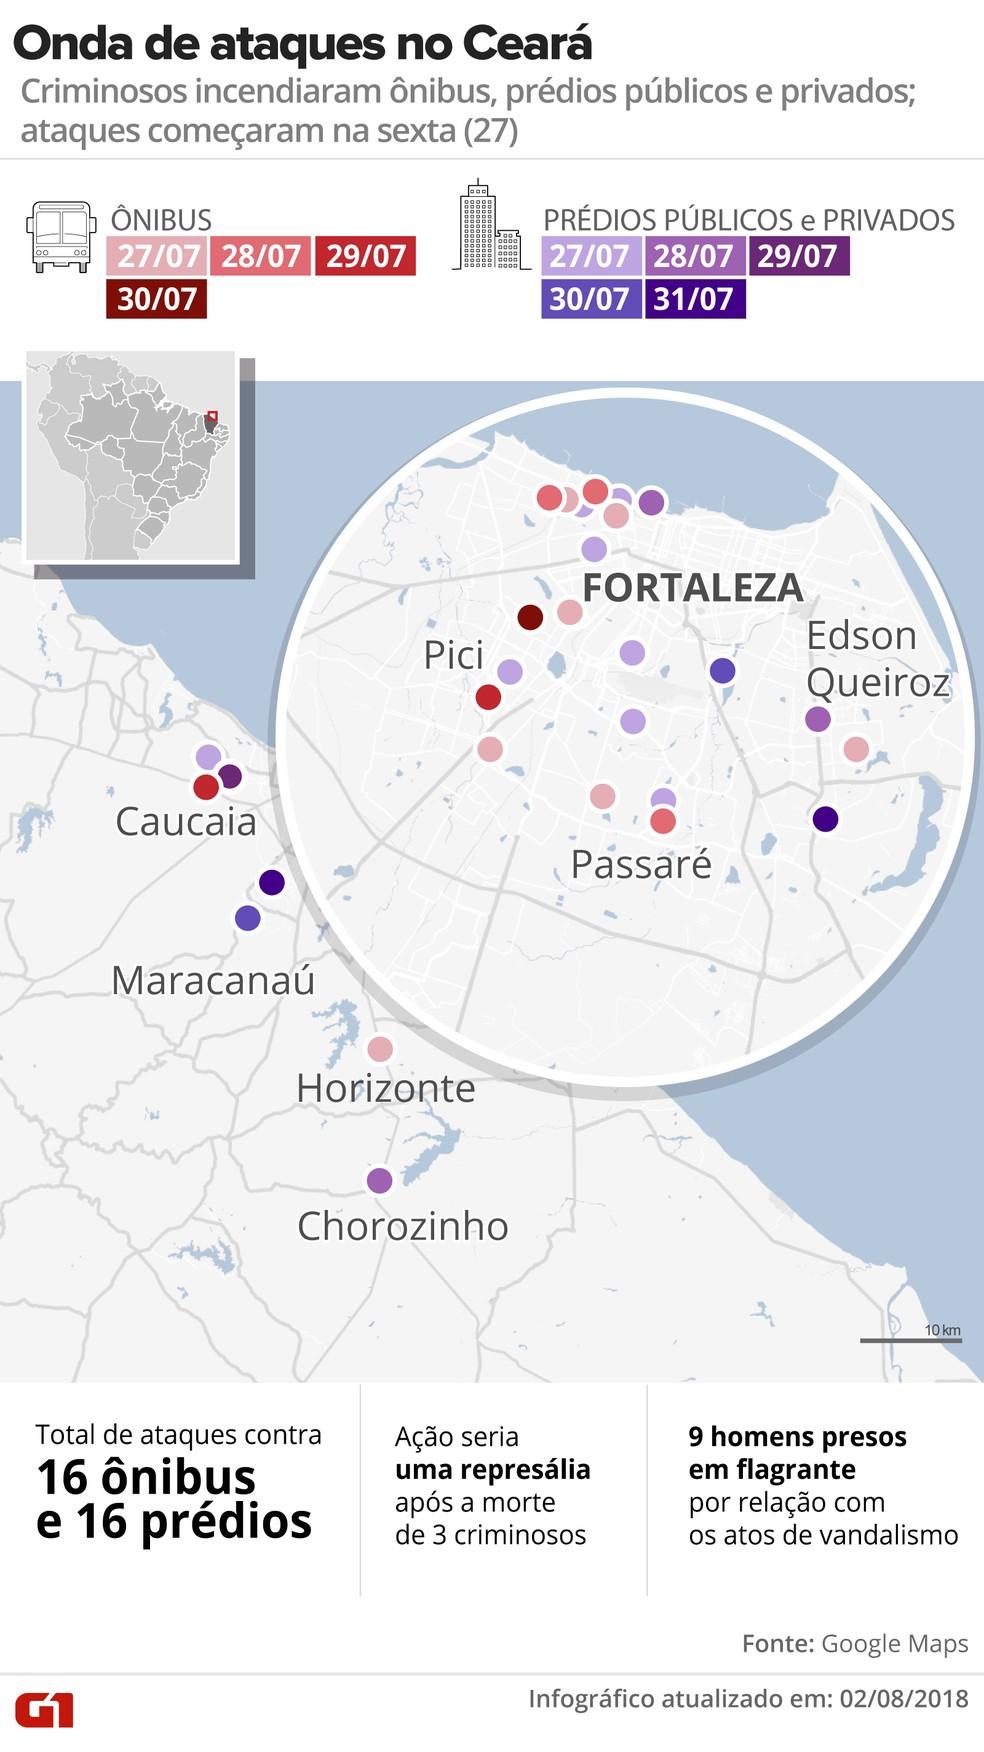 Mapa dos ataques a ônibus e prédios públicos em julho no Ceará (Foto: Roberta Jaworski/G1)